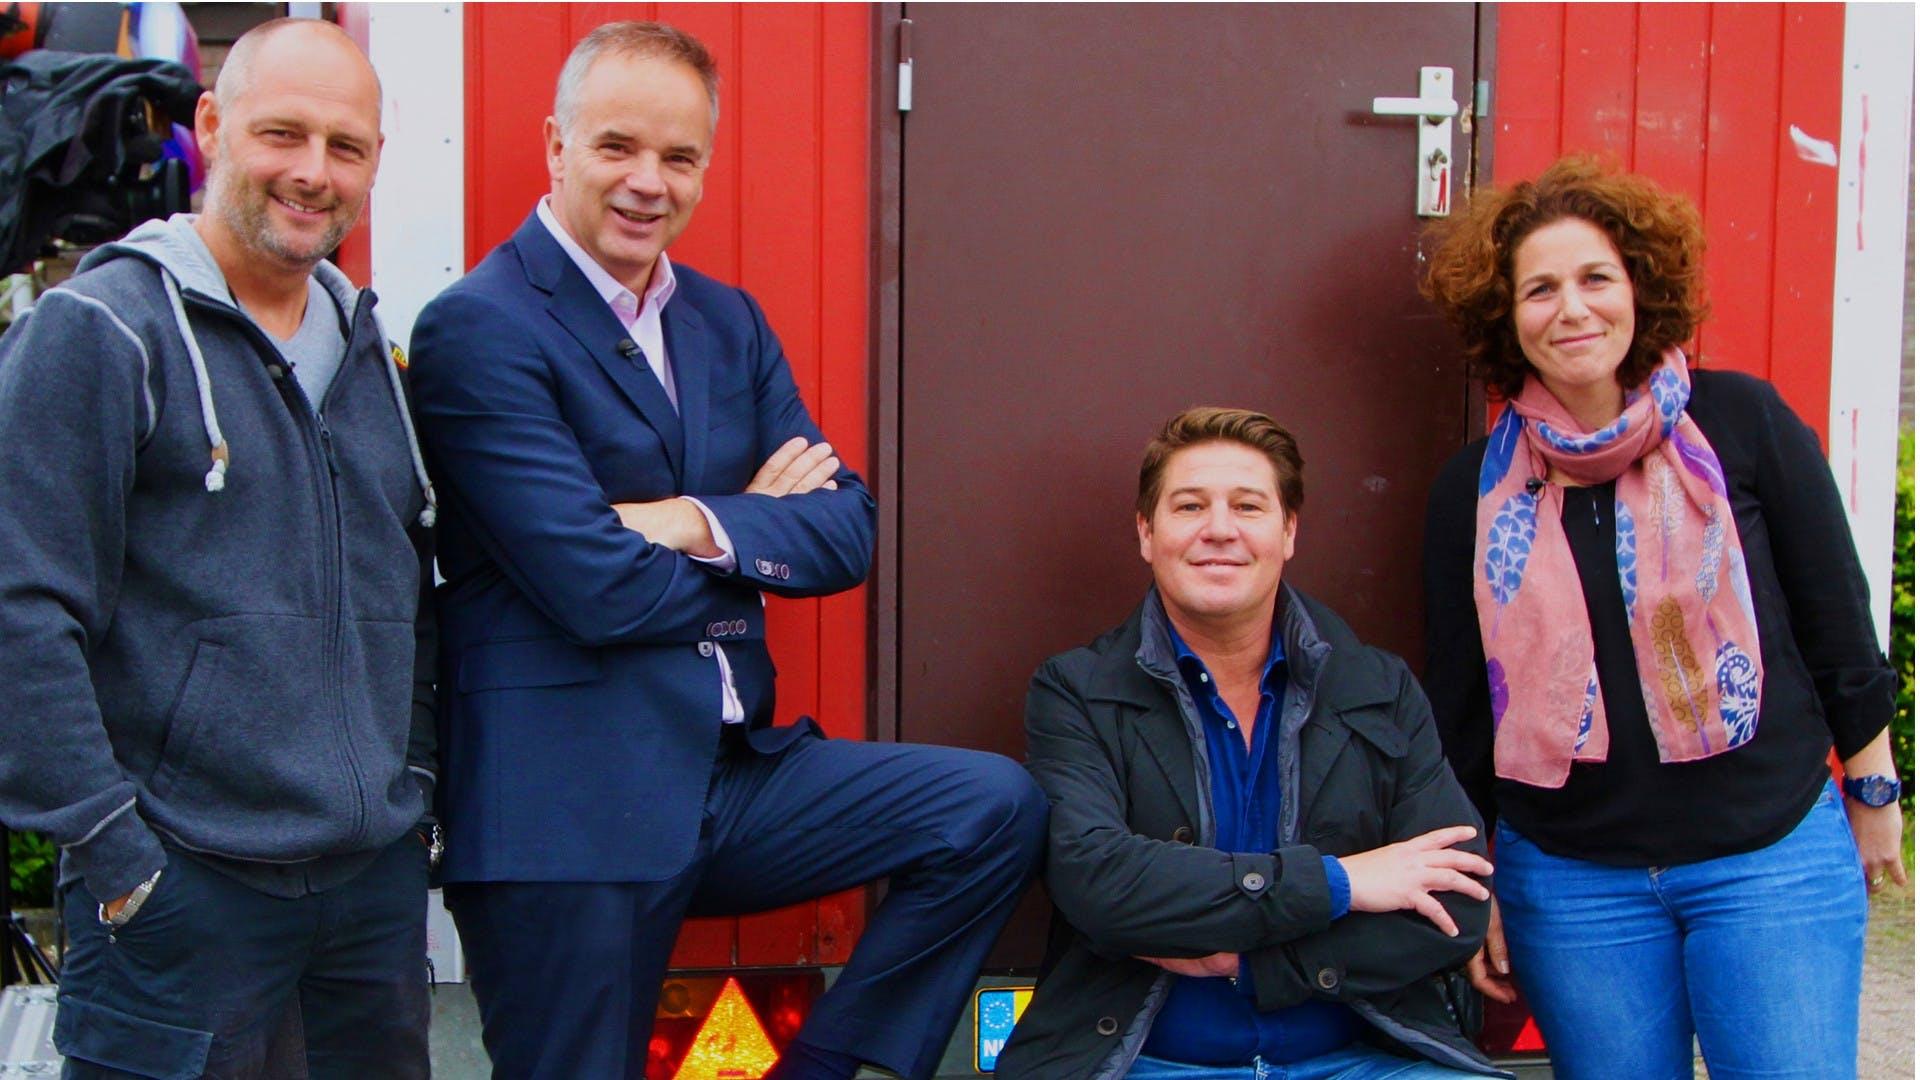 Van links naar rechts: Bouwadviseur Duncan Abrahams, makelaar Alex van Keulen, presentator Martijn Krabbé en budgetcoach Suzanne van Weerd